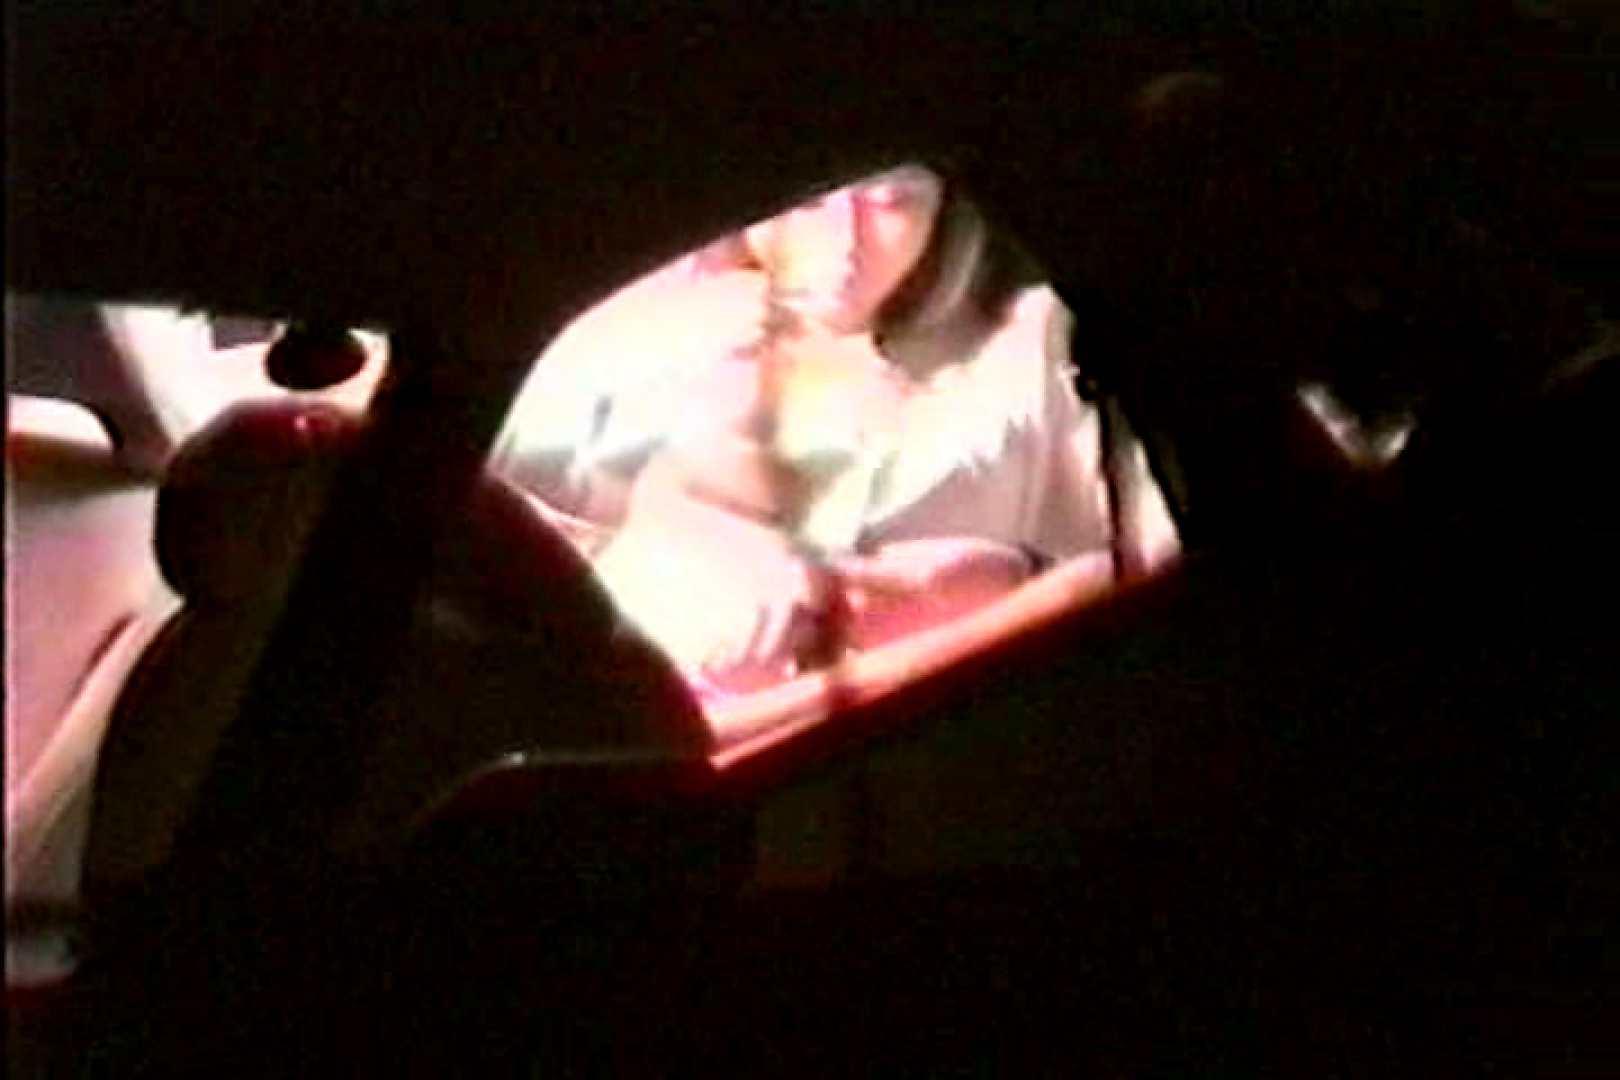 車の中はラブホテル 無修正版  Vol.8 OLエロ画像 盗み撮りSEX無修正画像 108PICs 50